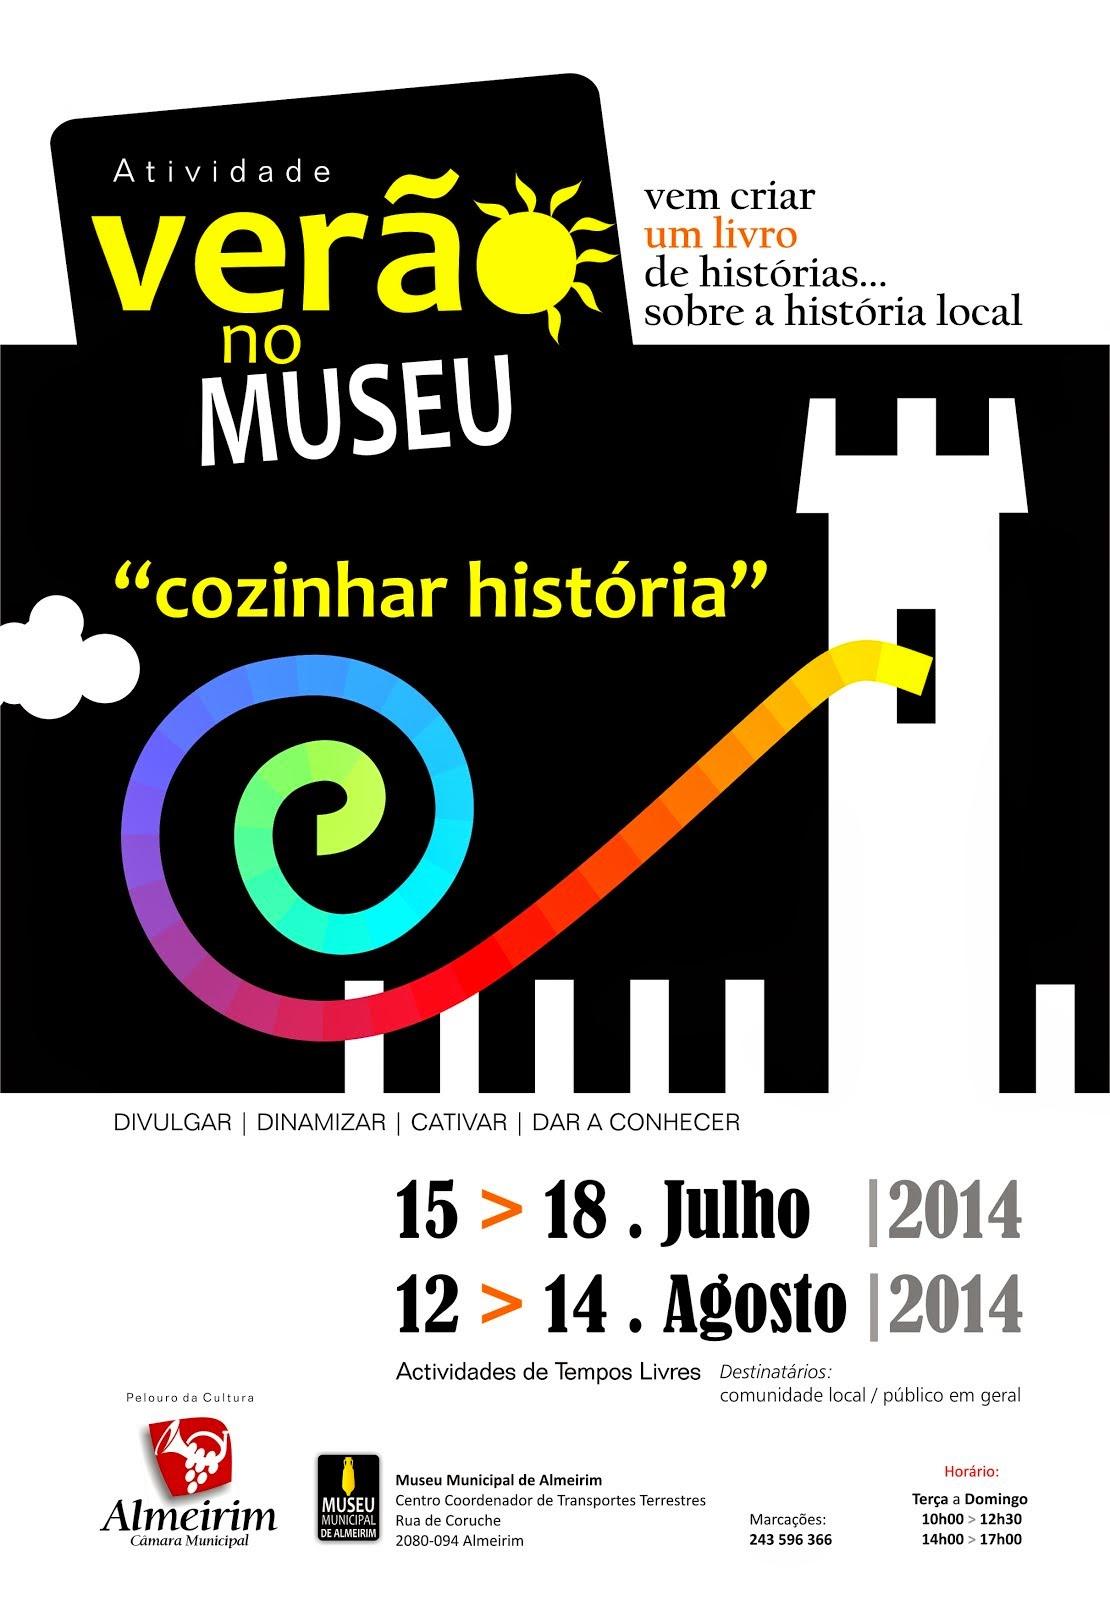 Verão no Museu'14